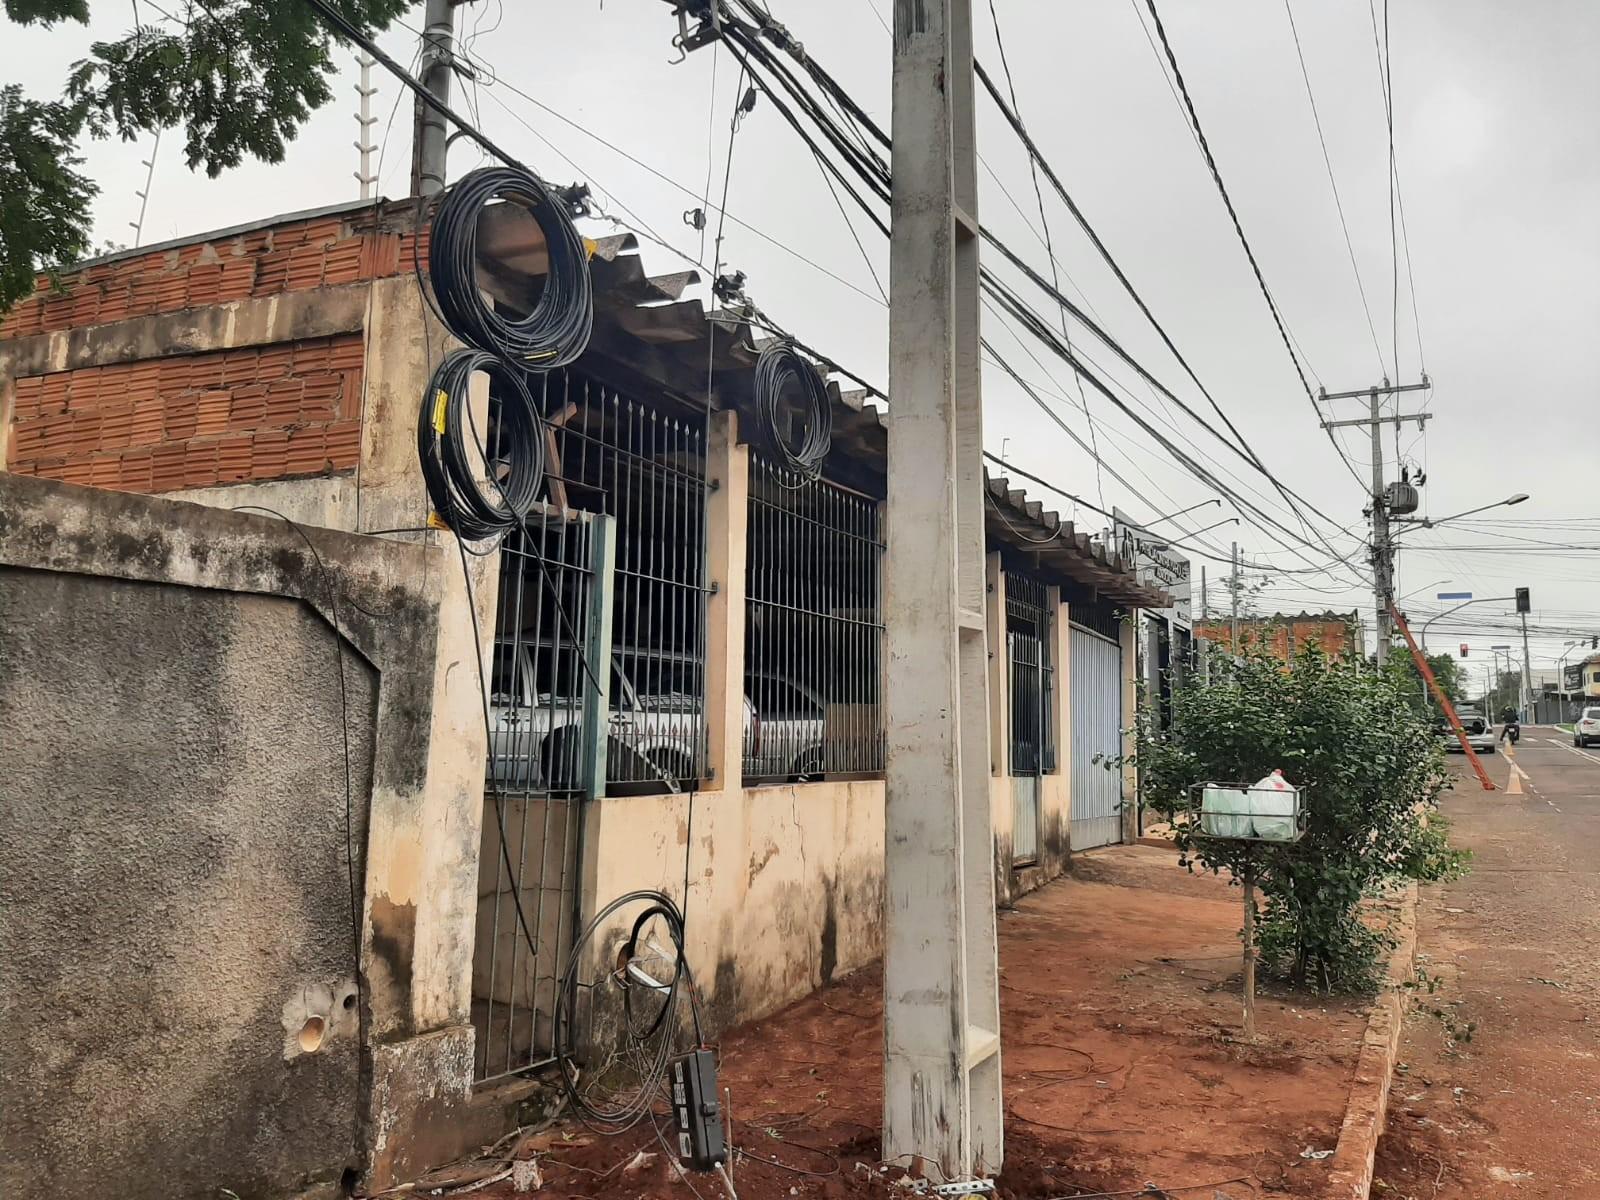 Idoso cai de telhado e morre ao tirar galhos de árvore que caíram durante tempestade em Campo Grande